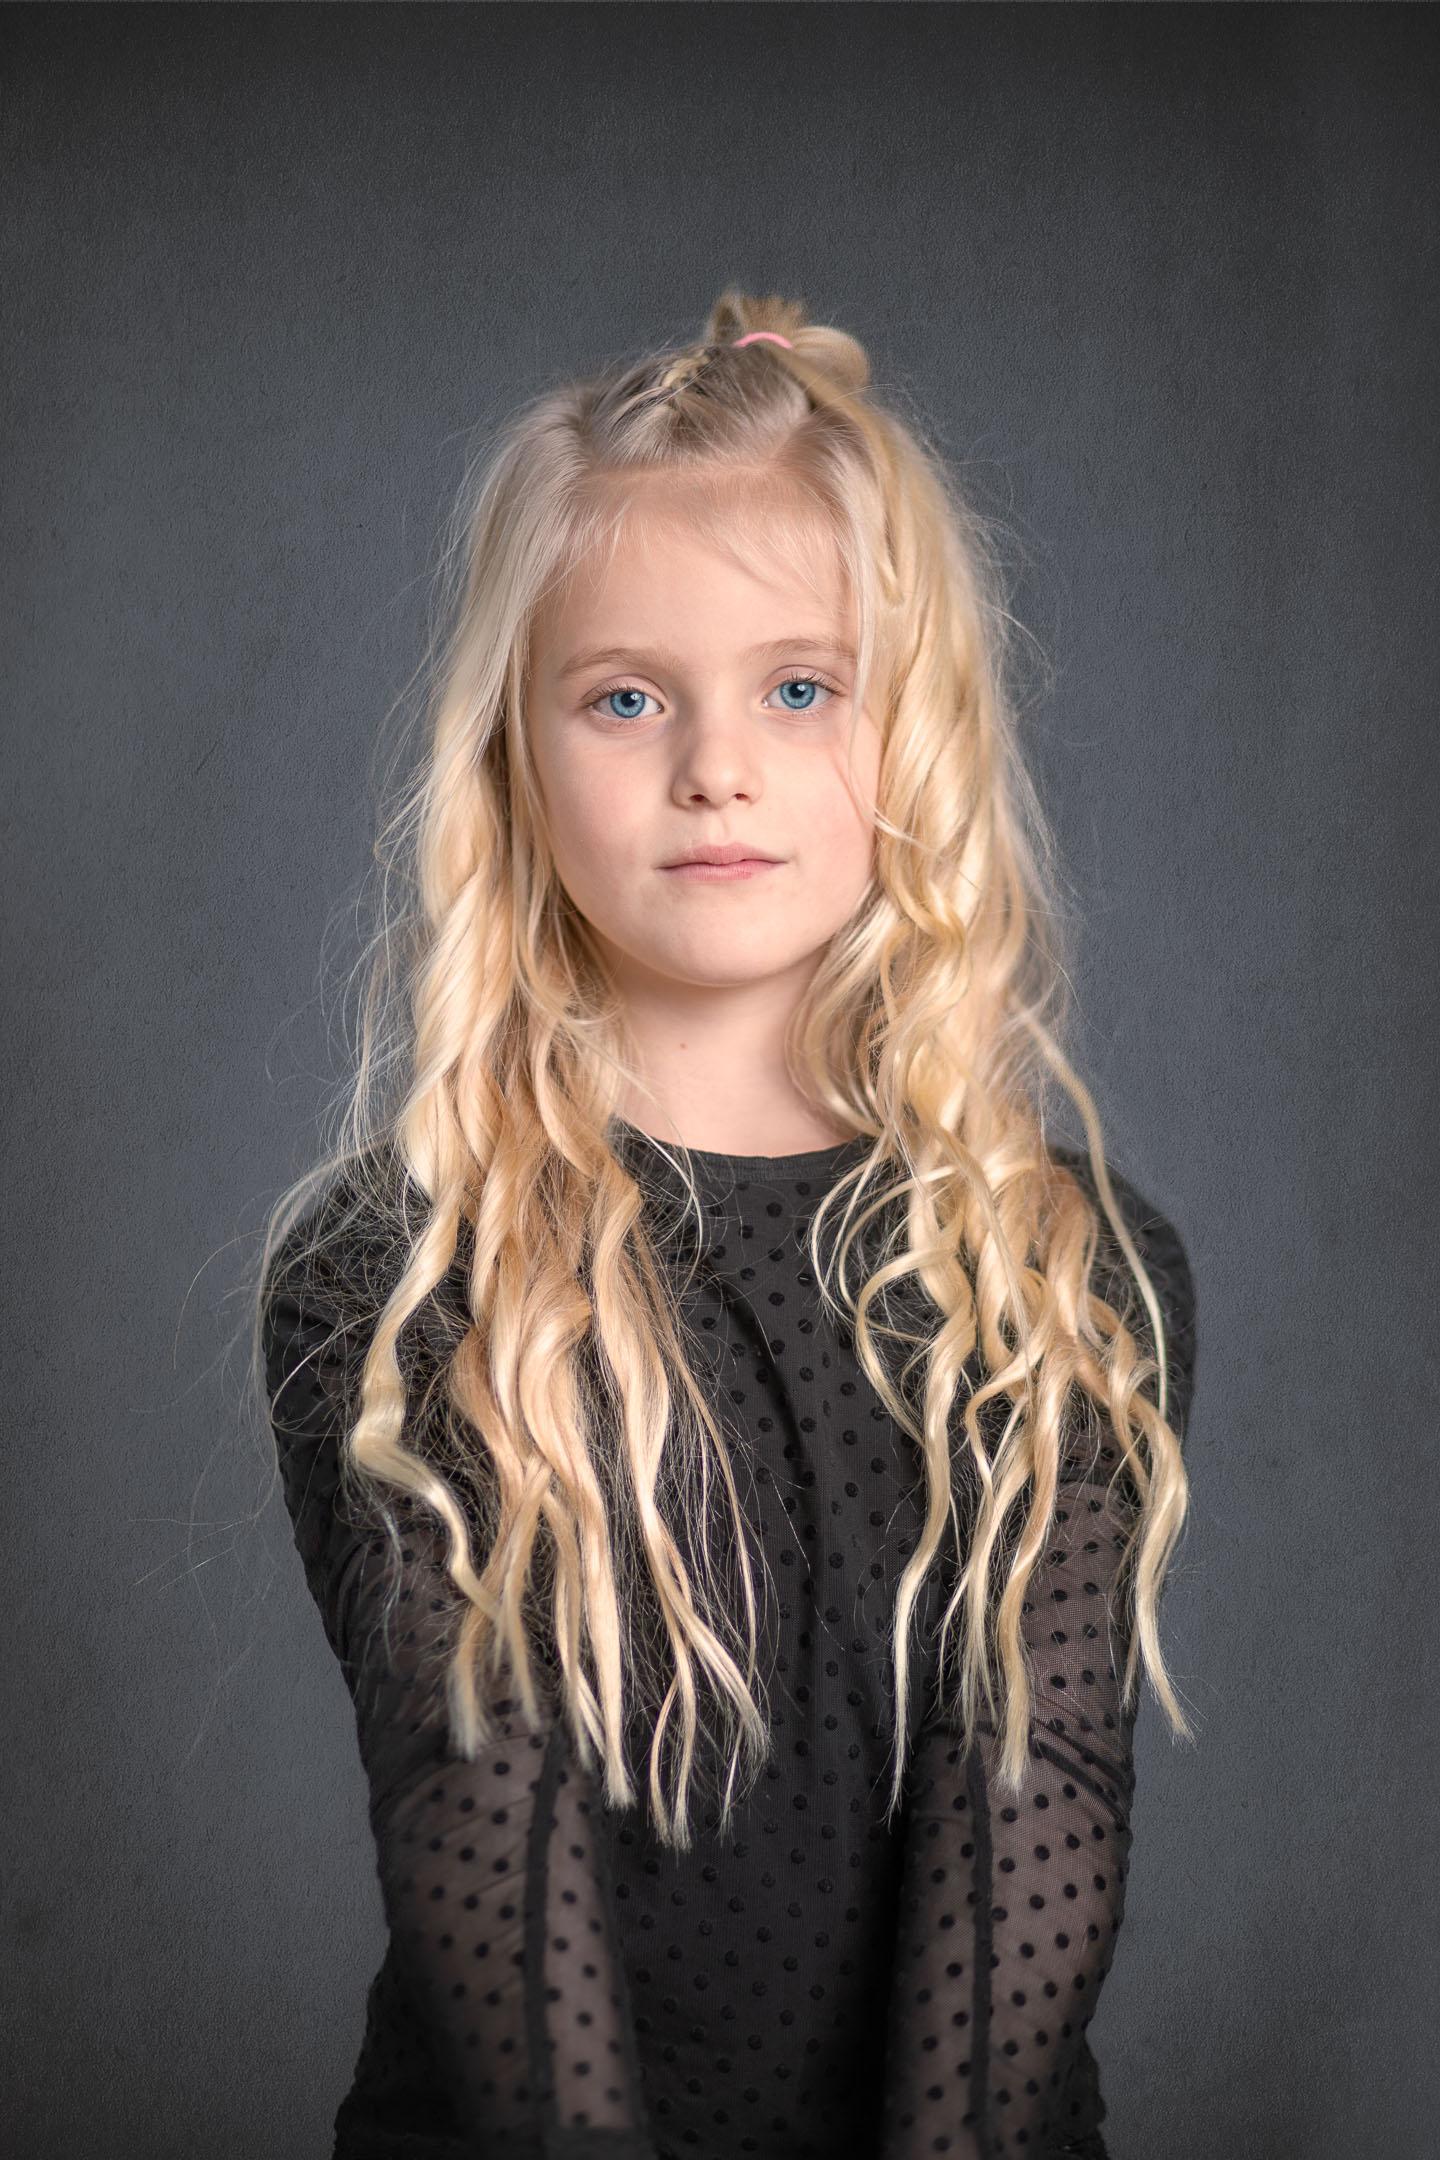 Een studioportret van een jong meisje.